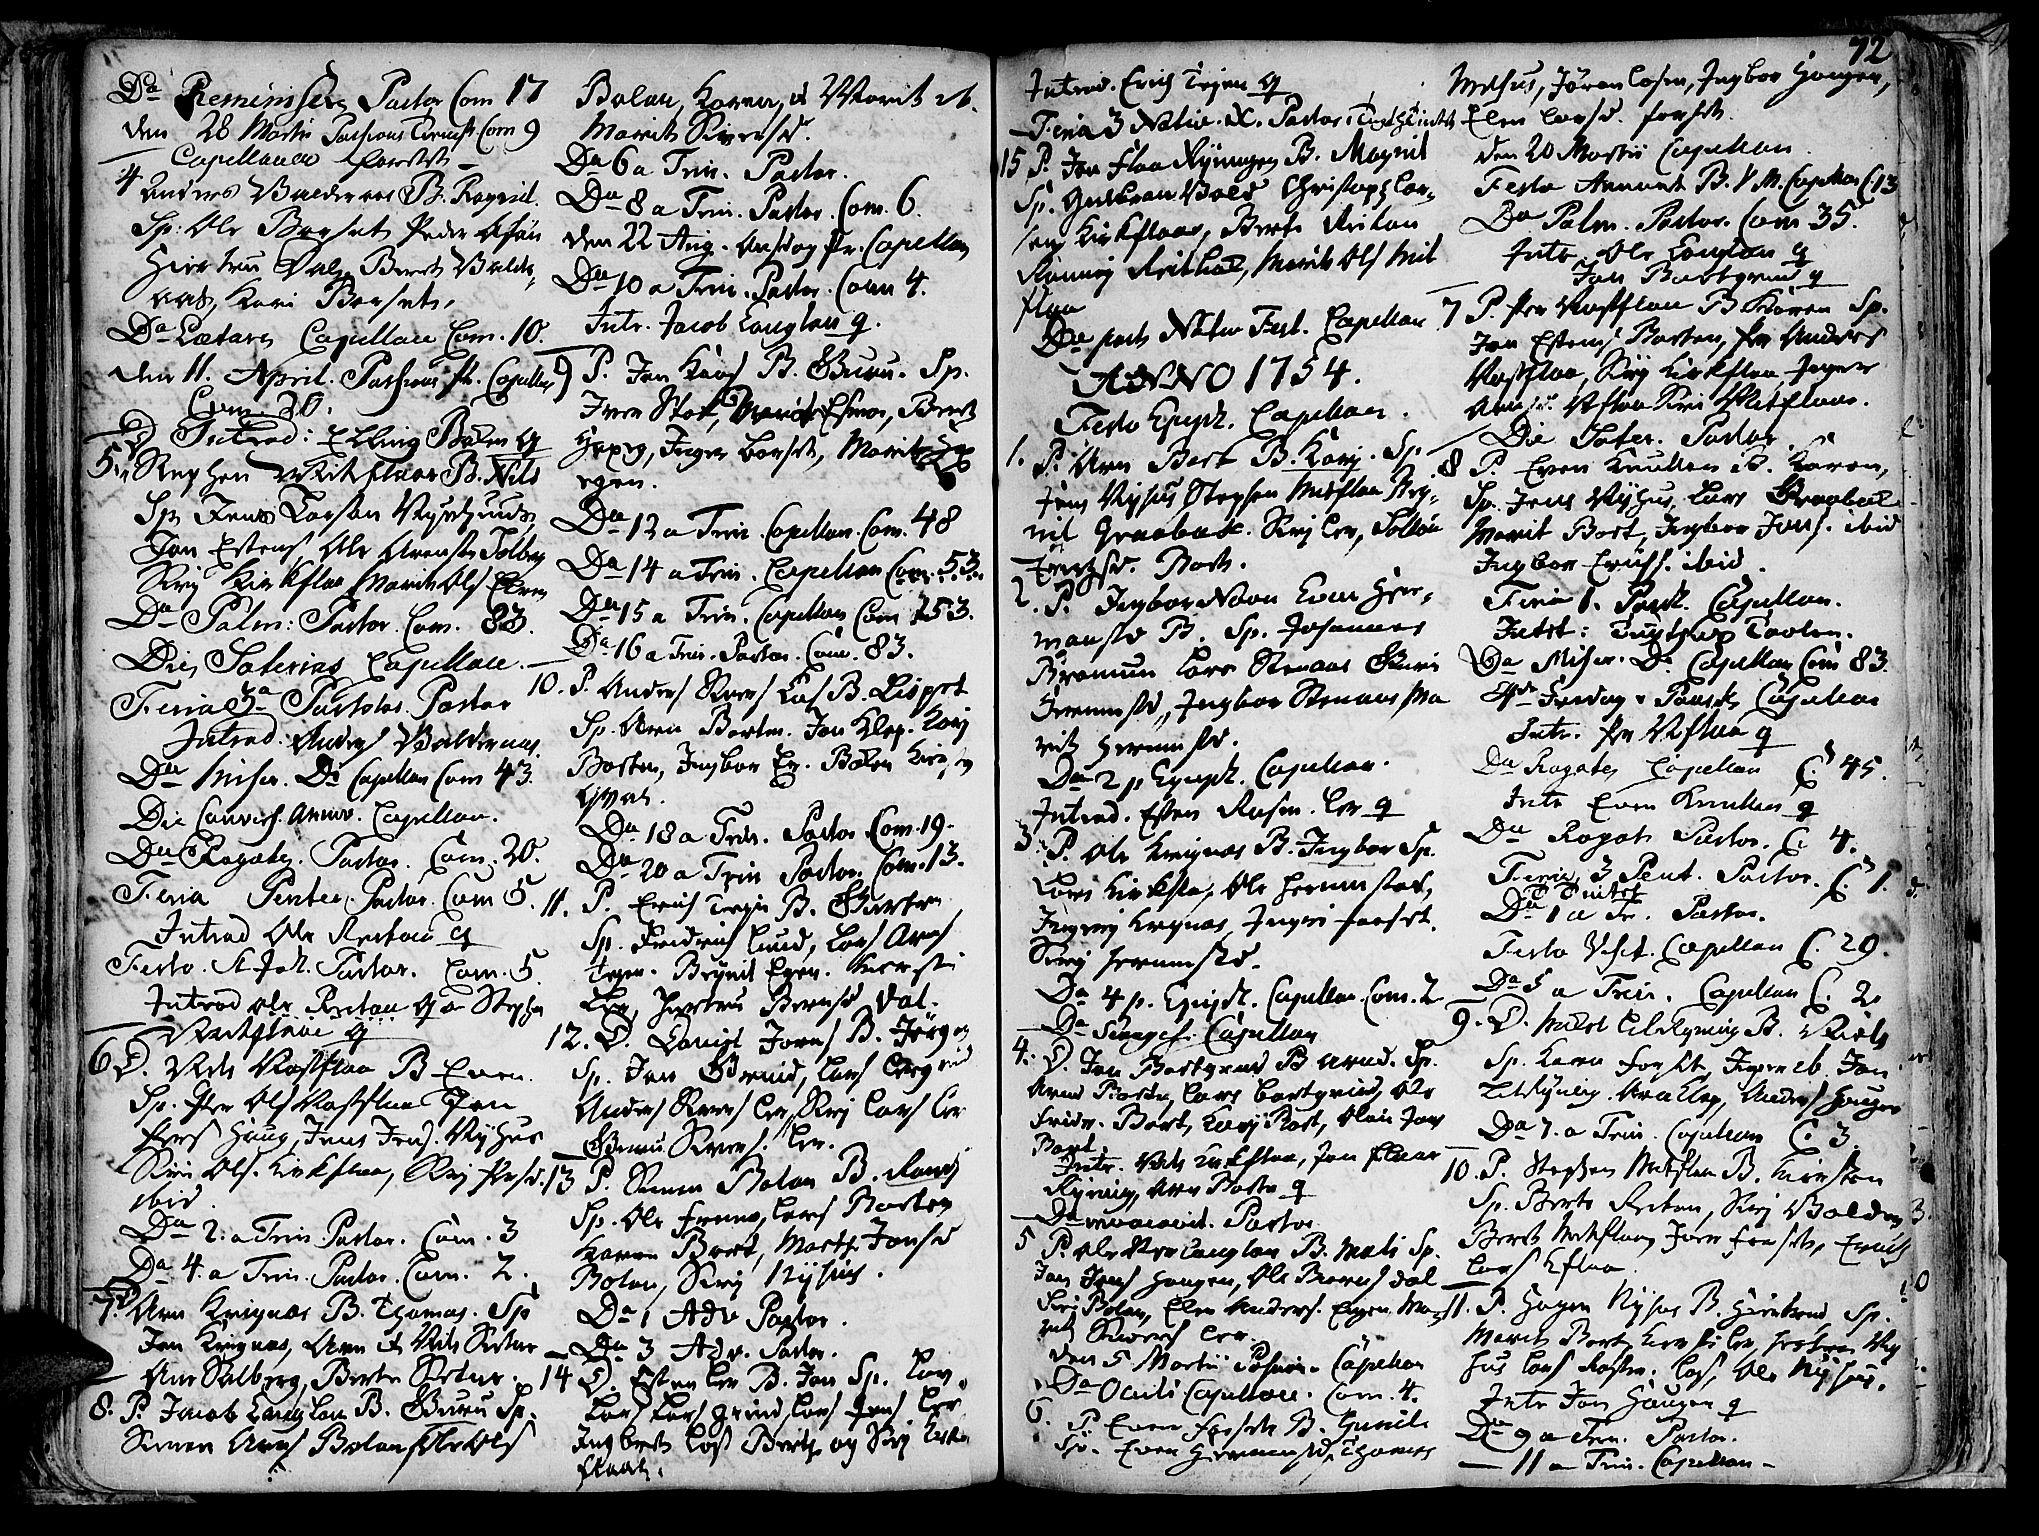 SAT, Ministerialprotokoller, klokkerbøker og fødselsregistre - Sør-Trøndelag, 691/L1058: Ministerialbok nr. 691A01 /2, 1740-1767, s. 72